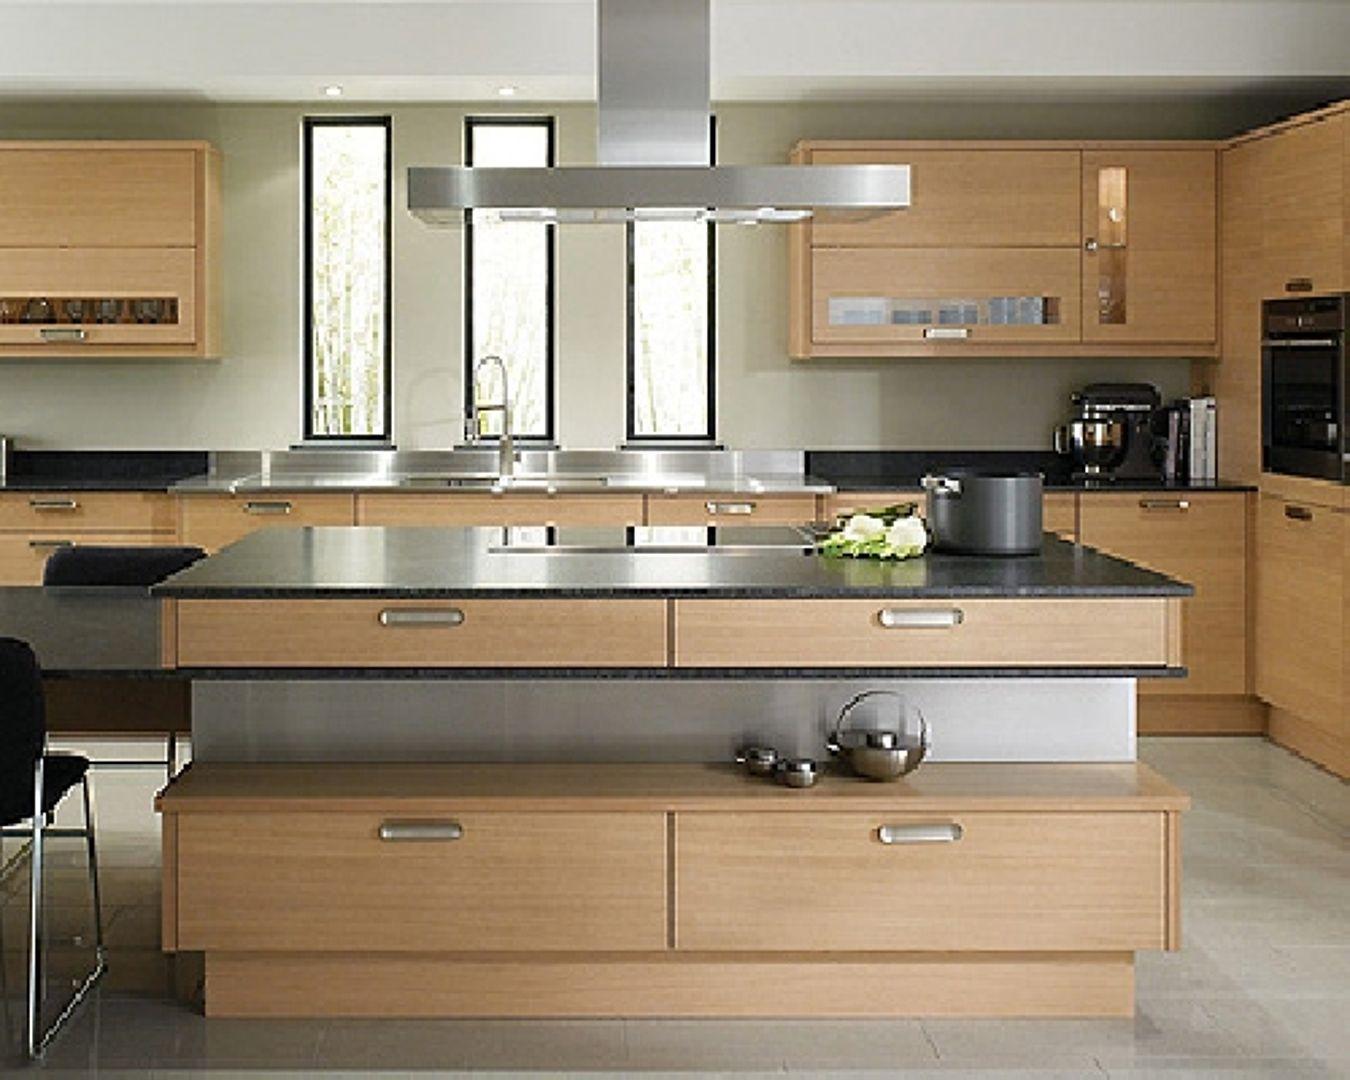 Esempio cucina moderna in legno su misura   casa   Pinterest ...